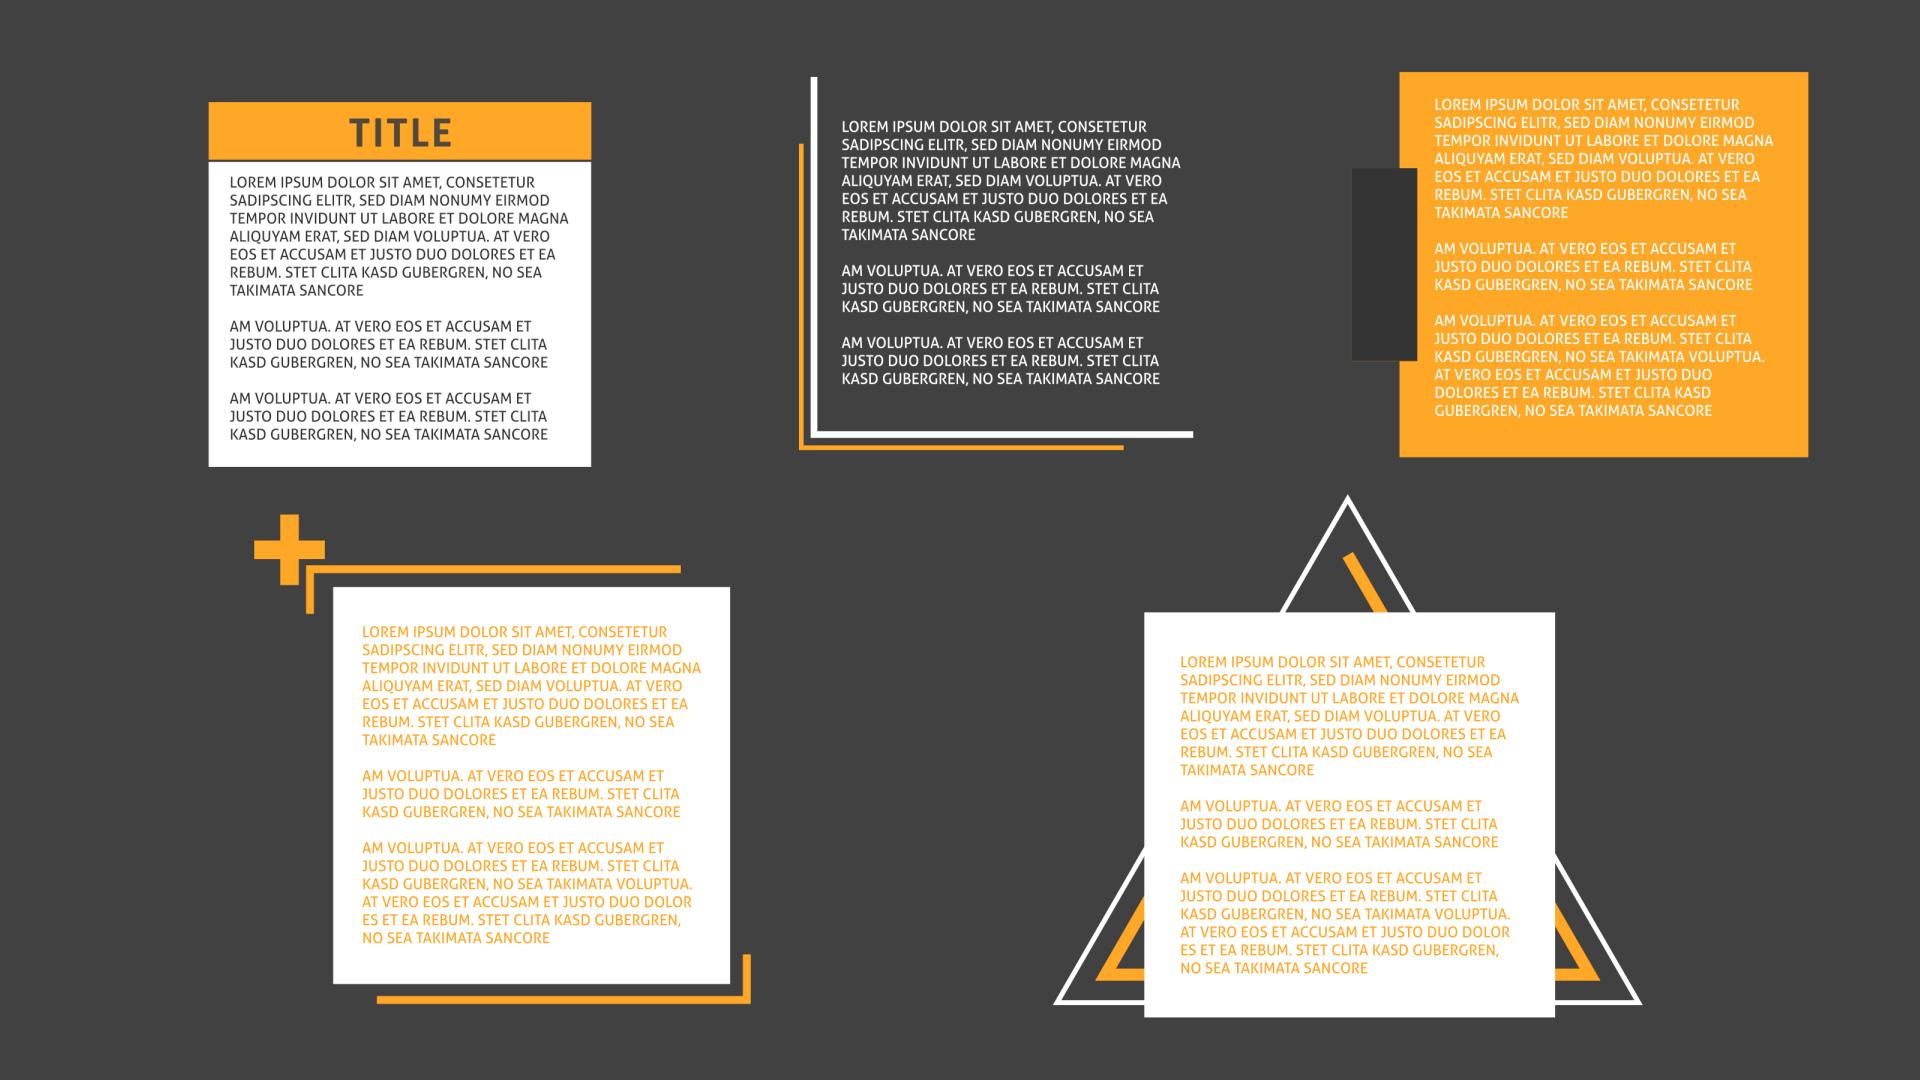 Abbildung von 5 Text-Animationen für Text-Einblendungen, anwendbar in After Effects und Premiere Pro